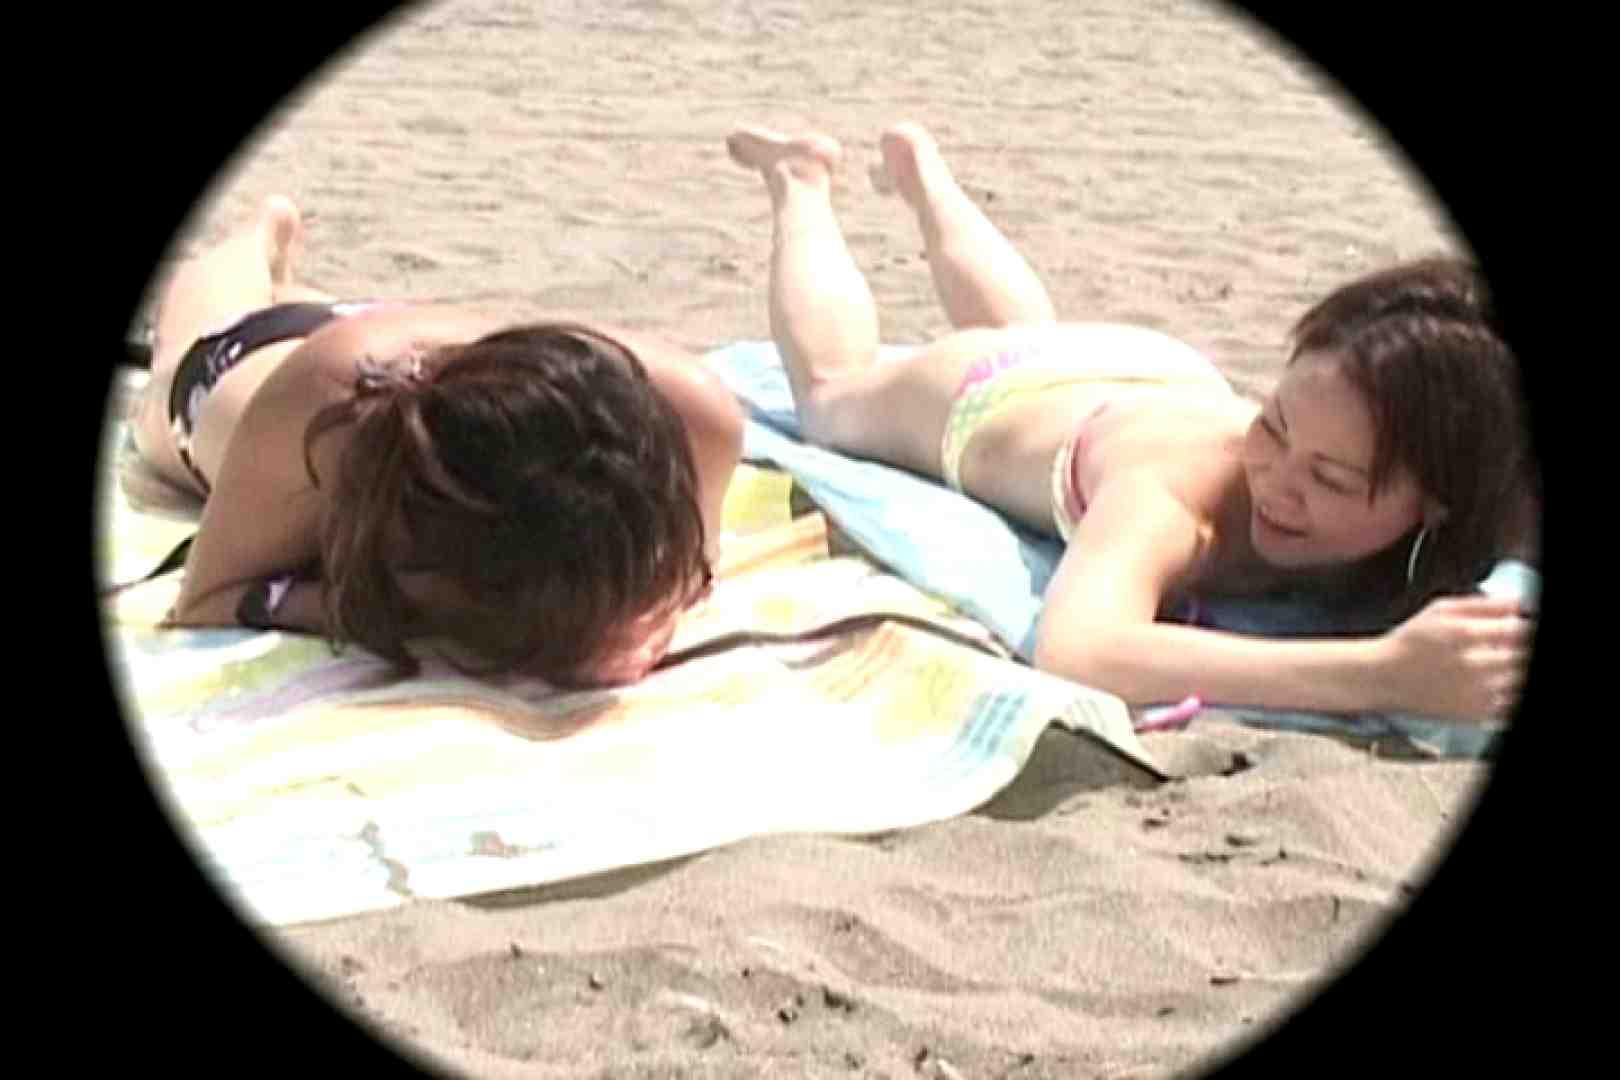 ビーチで発見!!はしゃぎ過ぎポロリギャルVol.5 日焼け アダルト動画キャプチャ 104pic 46